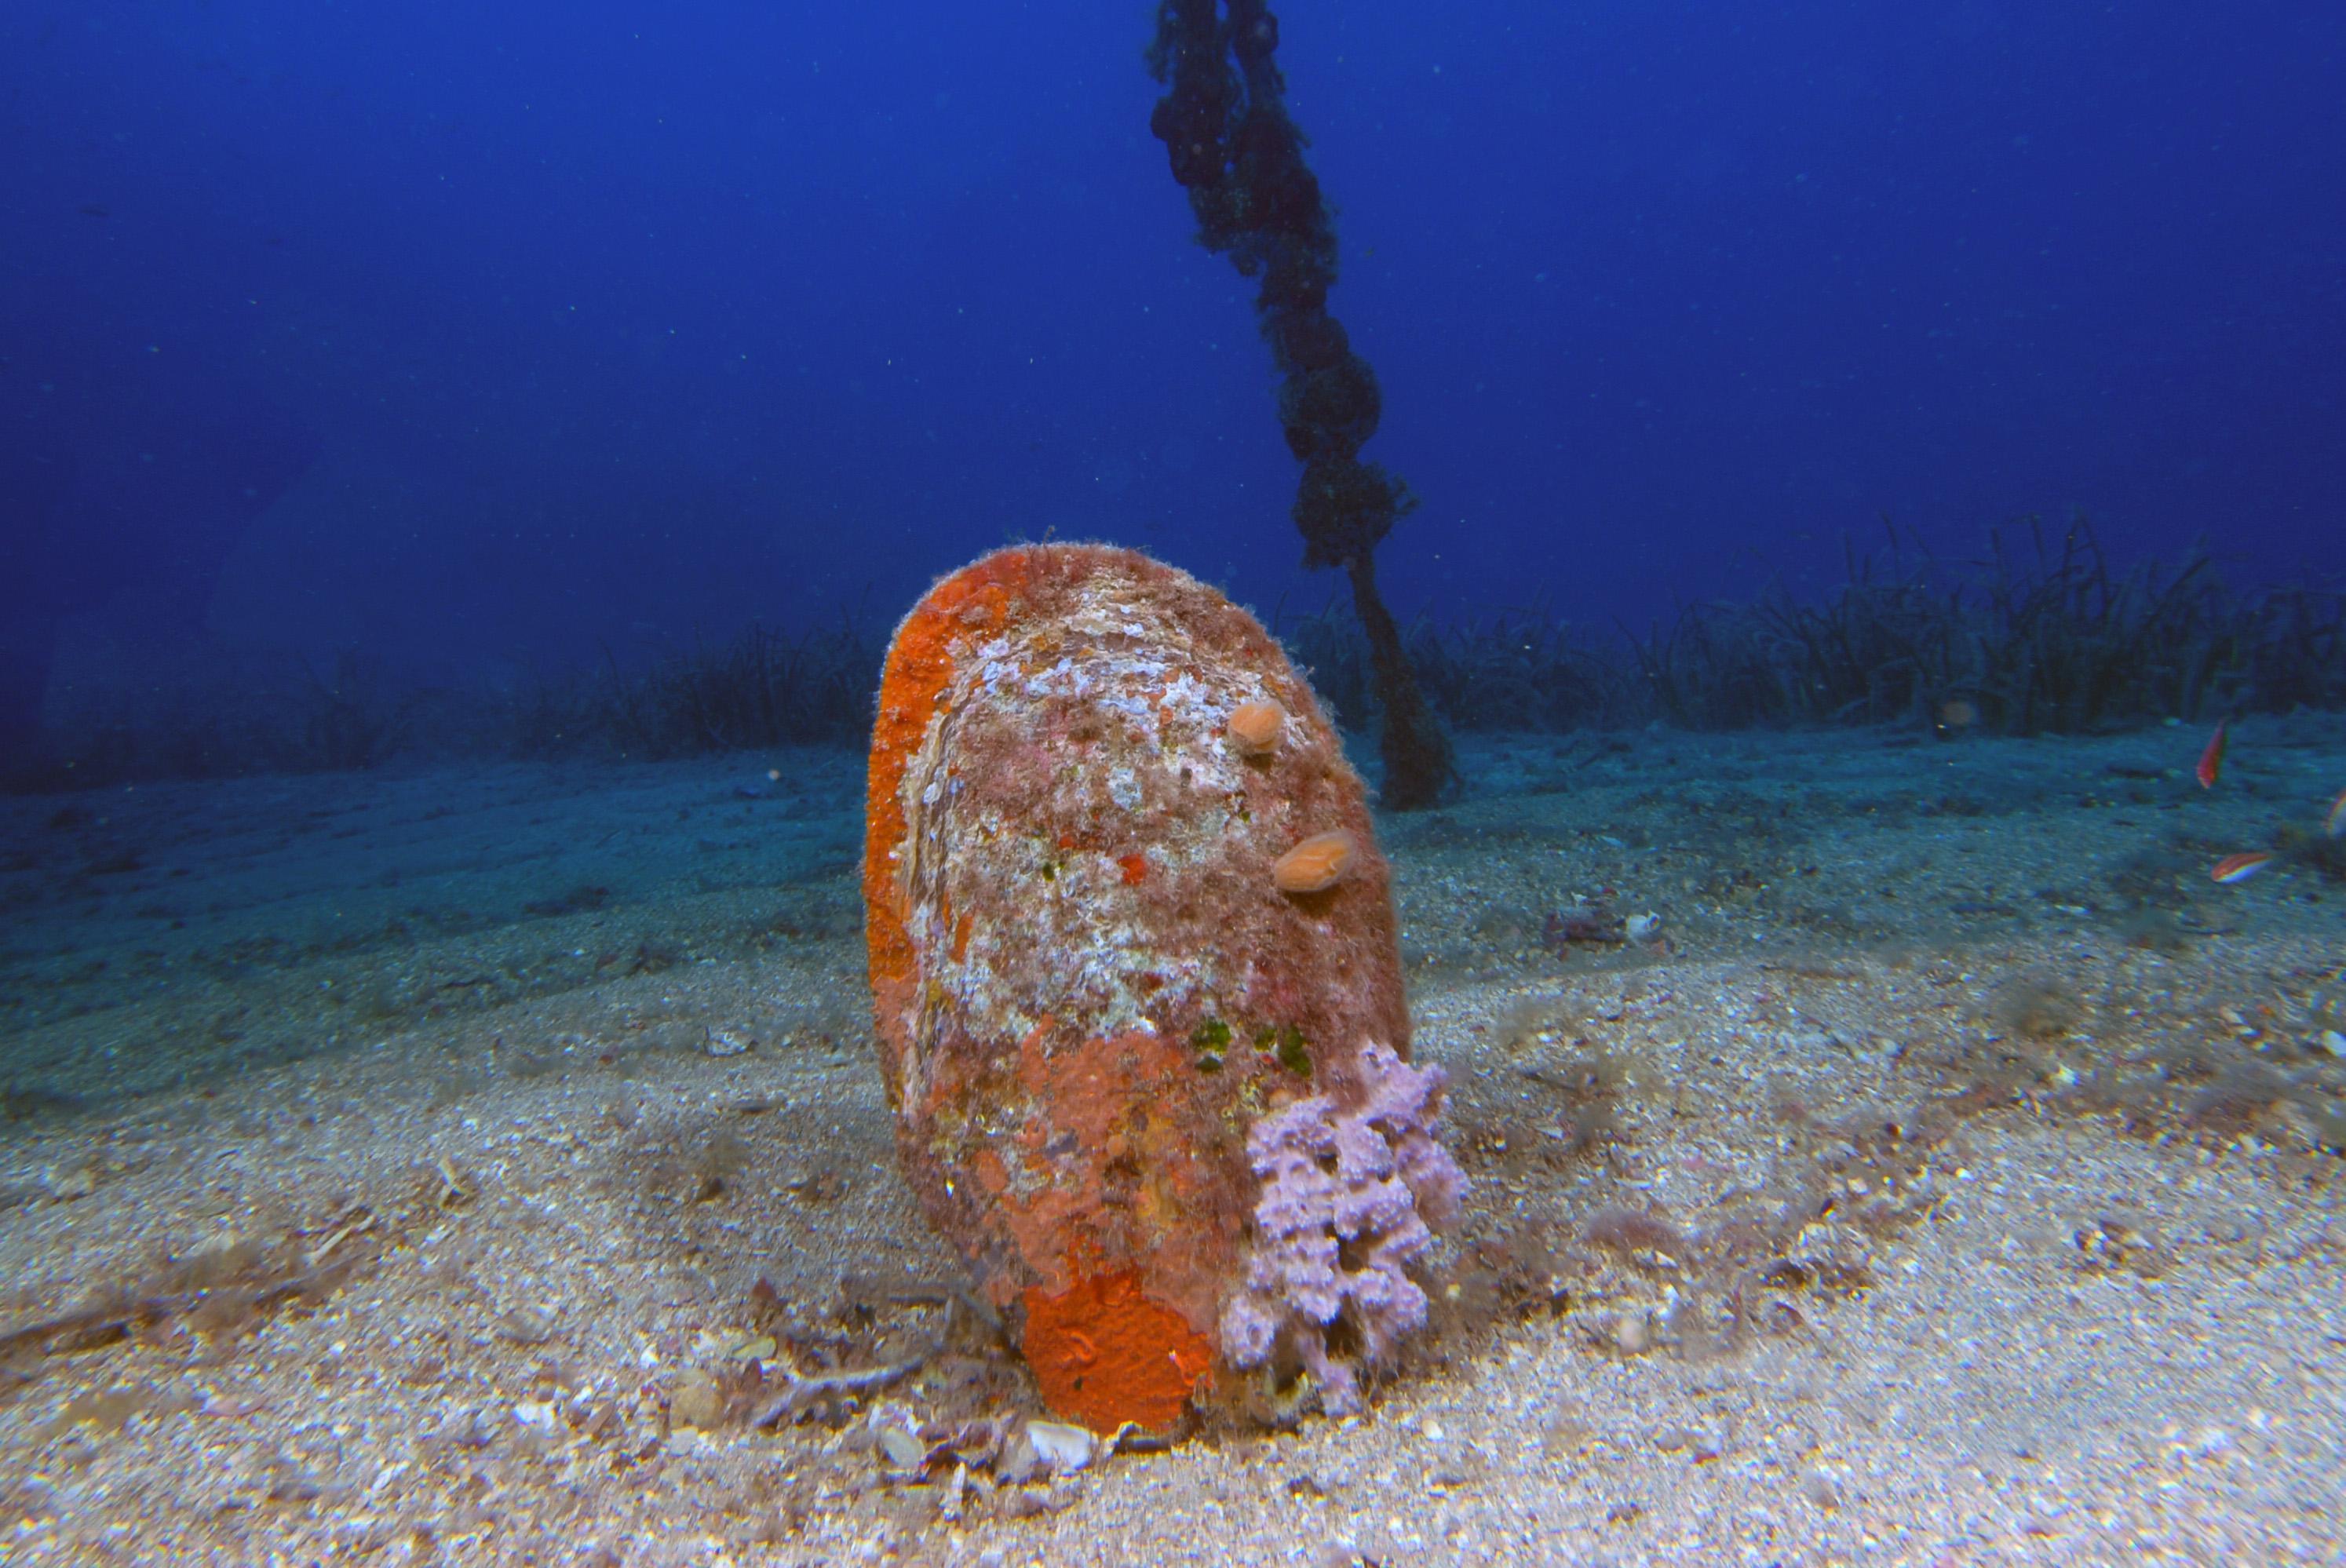 denizlerin-temizleyicisi-pinalari-olduren-virus-kiyilarimiza-geldi-4017-dhaphoto5.jpg